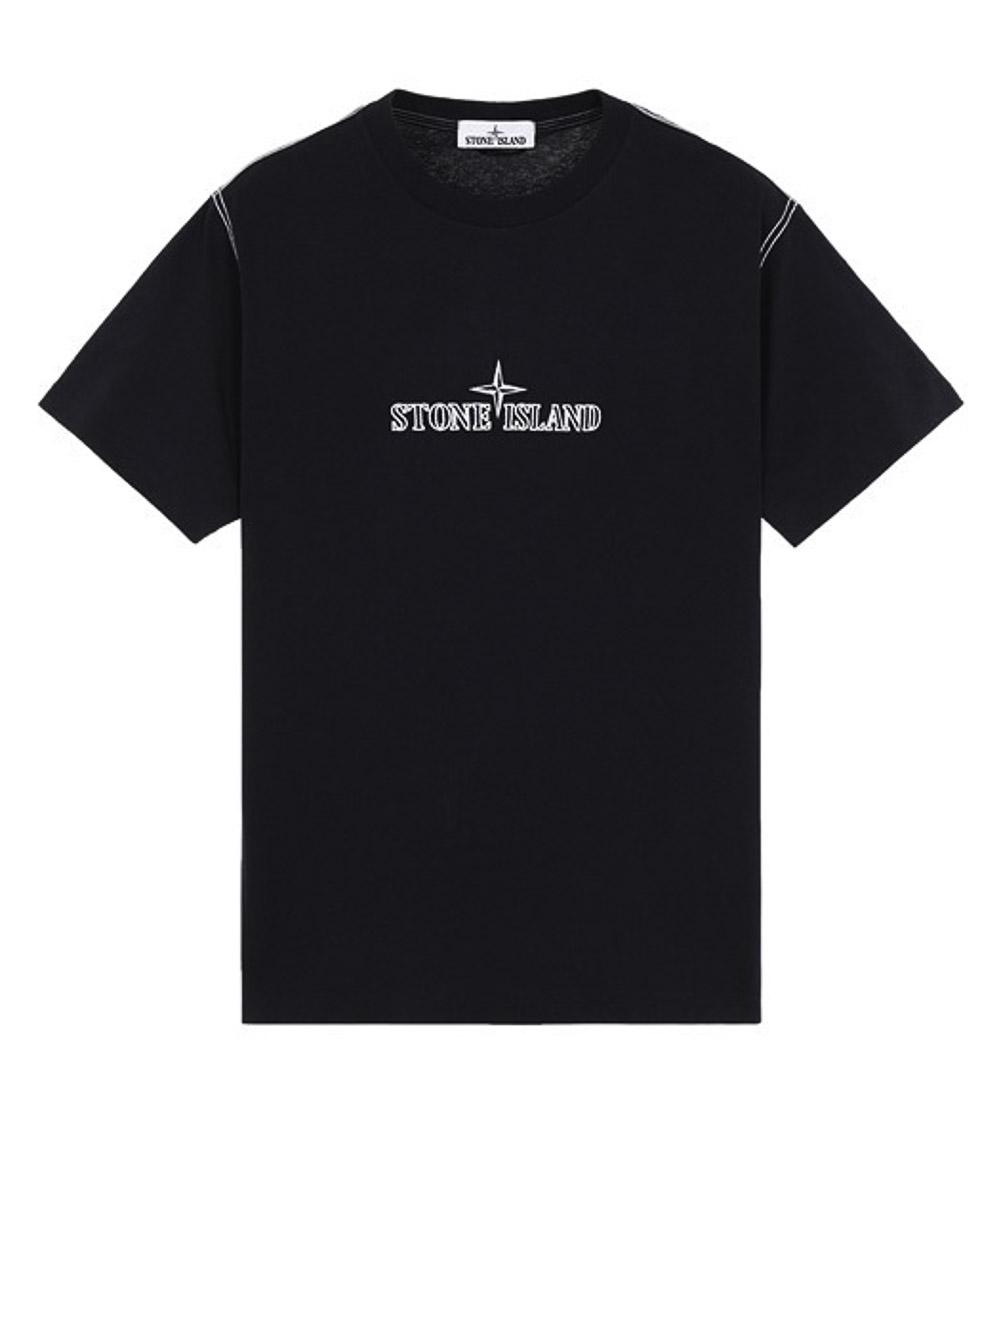 STONE ISLAND Μπλούζα T-Shirt MO741520644-V0020 ΜΑΥΡΟ